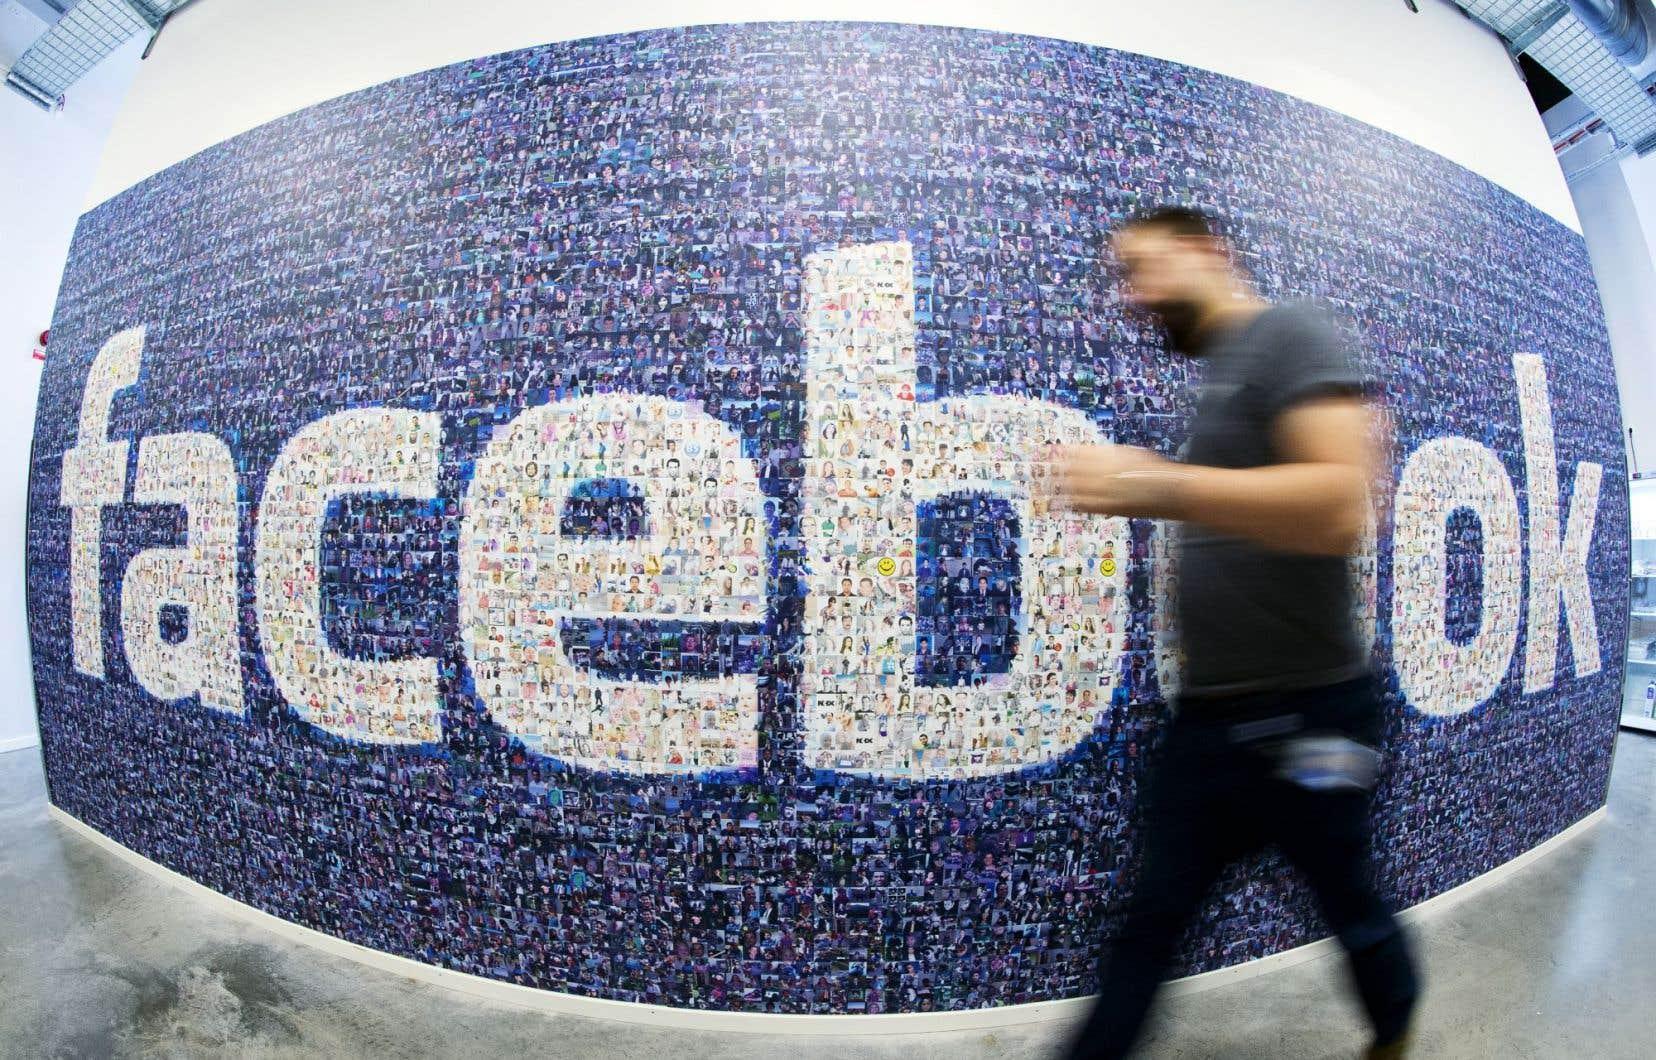 Facebook a annoncé vendredi qu'elle investira 7millions de dollars dans l'écosystème montréalais de l'intelligence artificielle au cours des prochaines années.